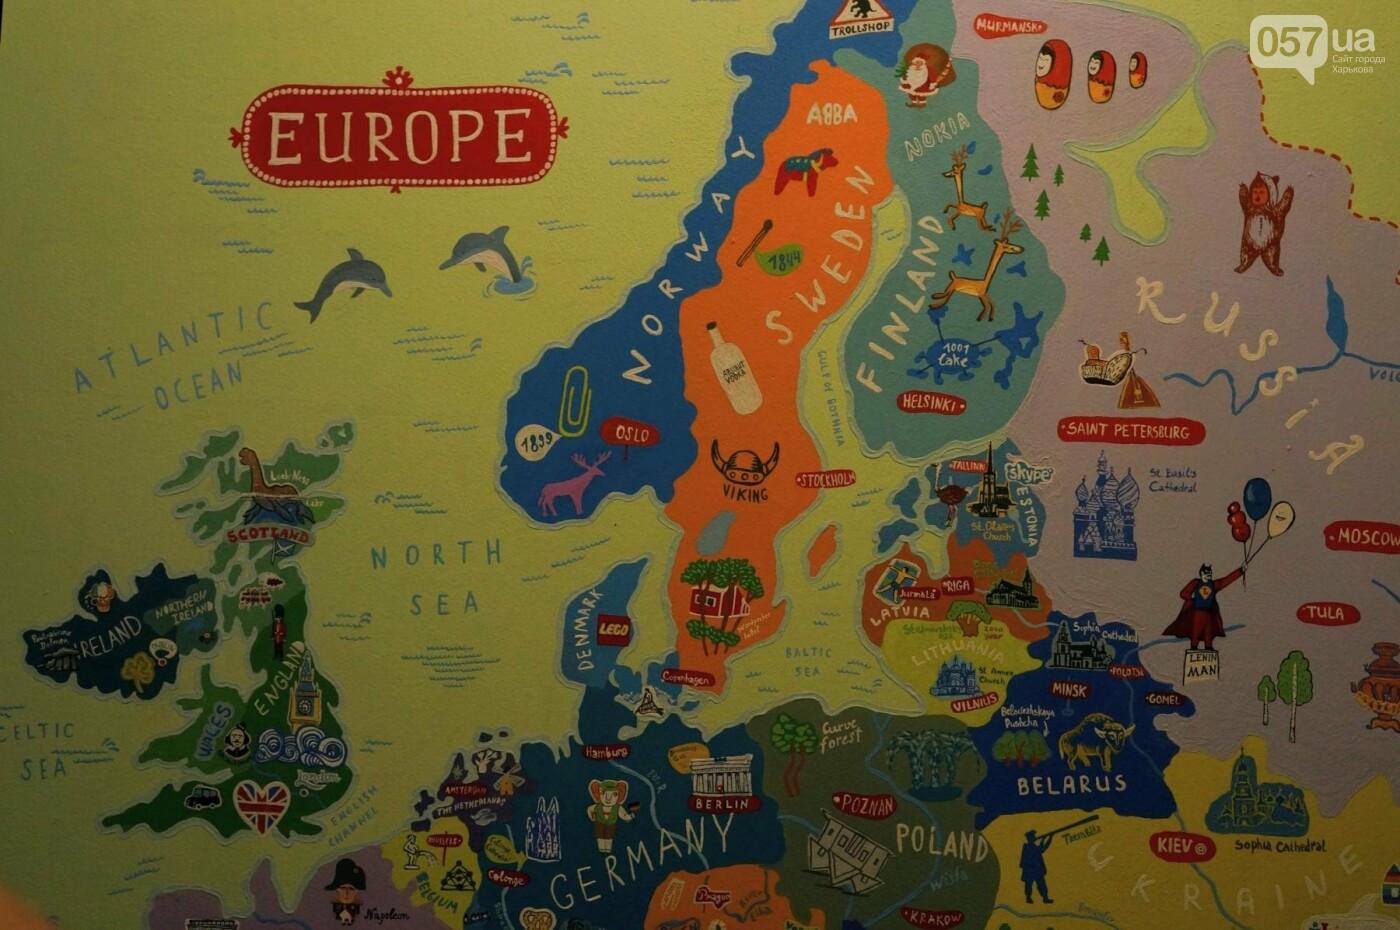 Курсы английского в Харькове ᐈ куда пойти учить английский?, фото-59